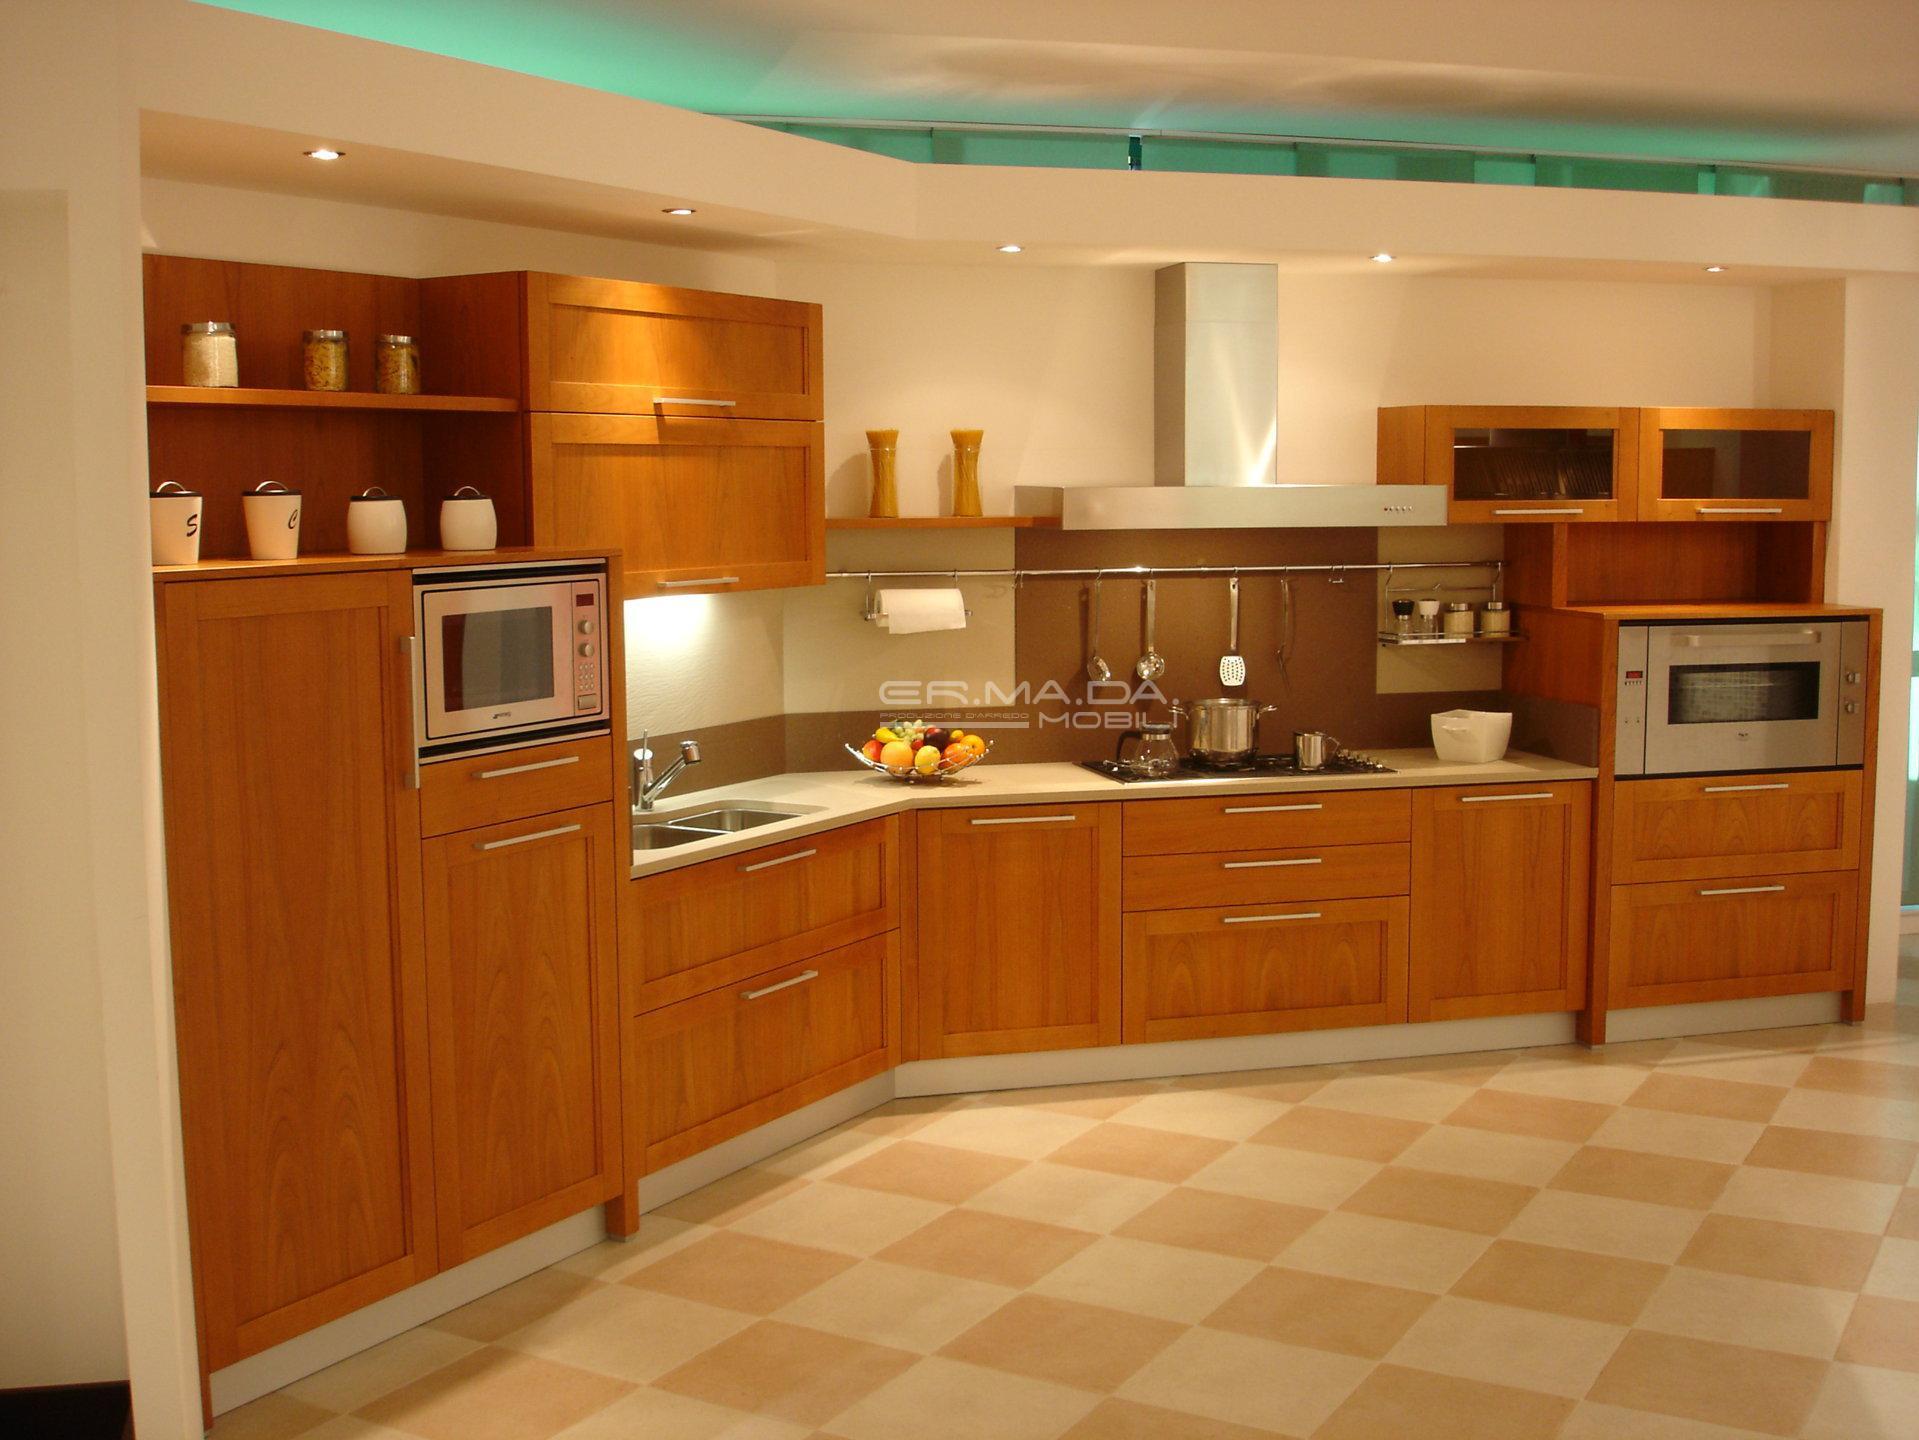 12 cucina a telaio in ciliegio chiaro er ma da for Granato mobili torino